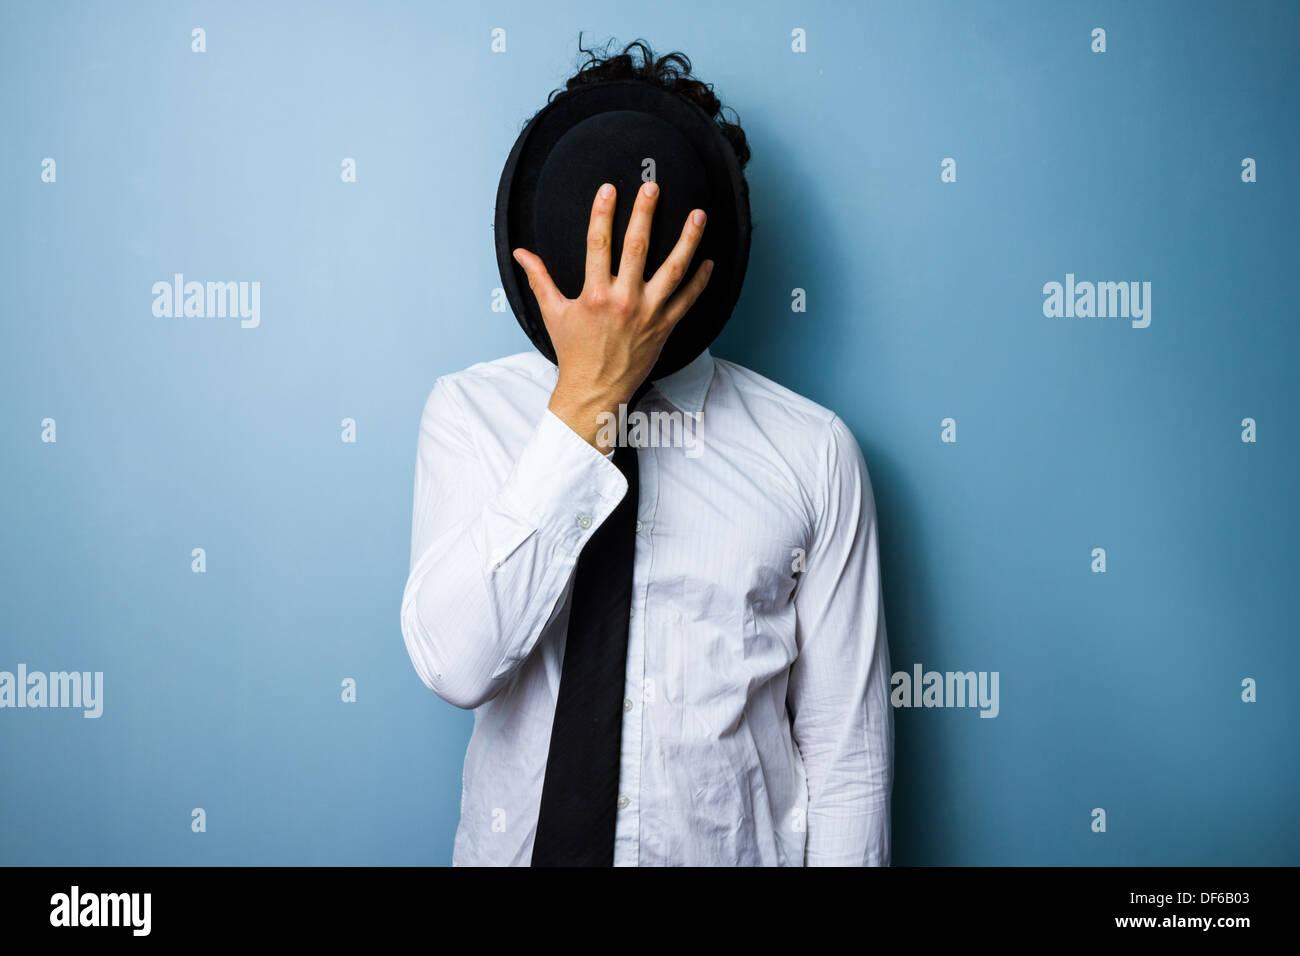 Jeune homme cachant son visage derrière son chapeau melon Photo Stock